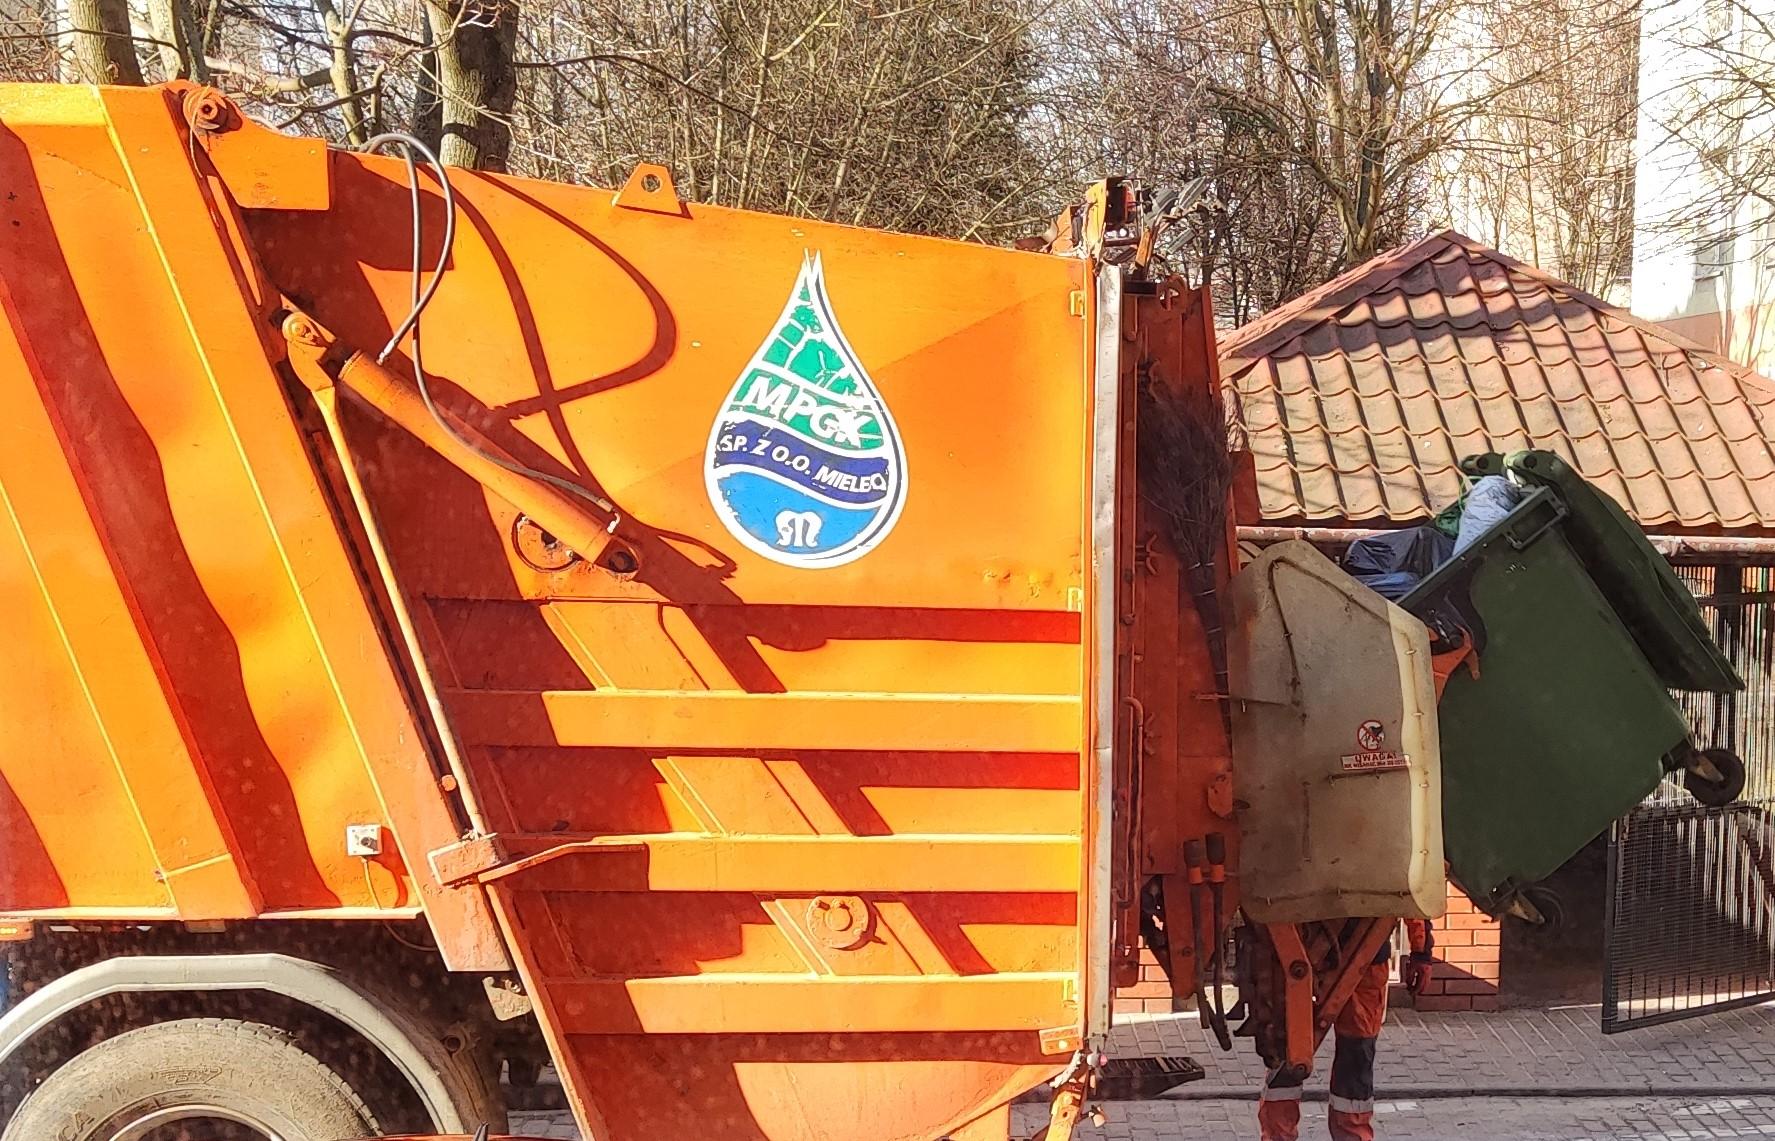 Wkrótce decyzja komisji w sprawie przetargu na odbiór śmieci w Mielcu - Zdjęcie główne